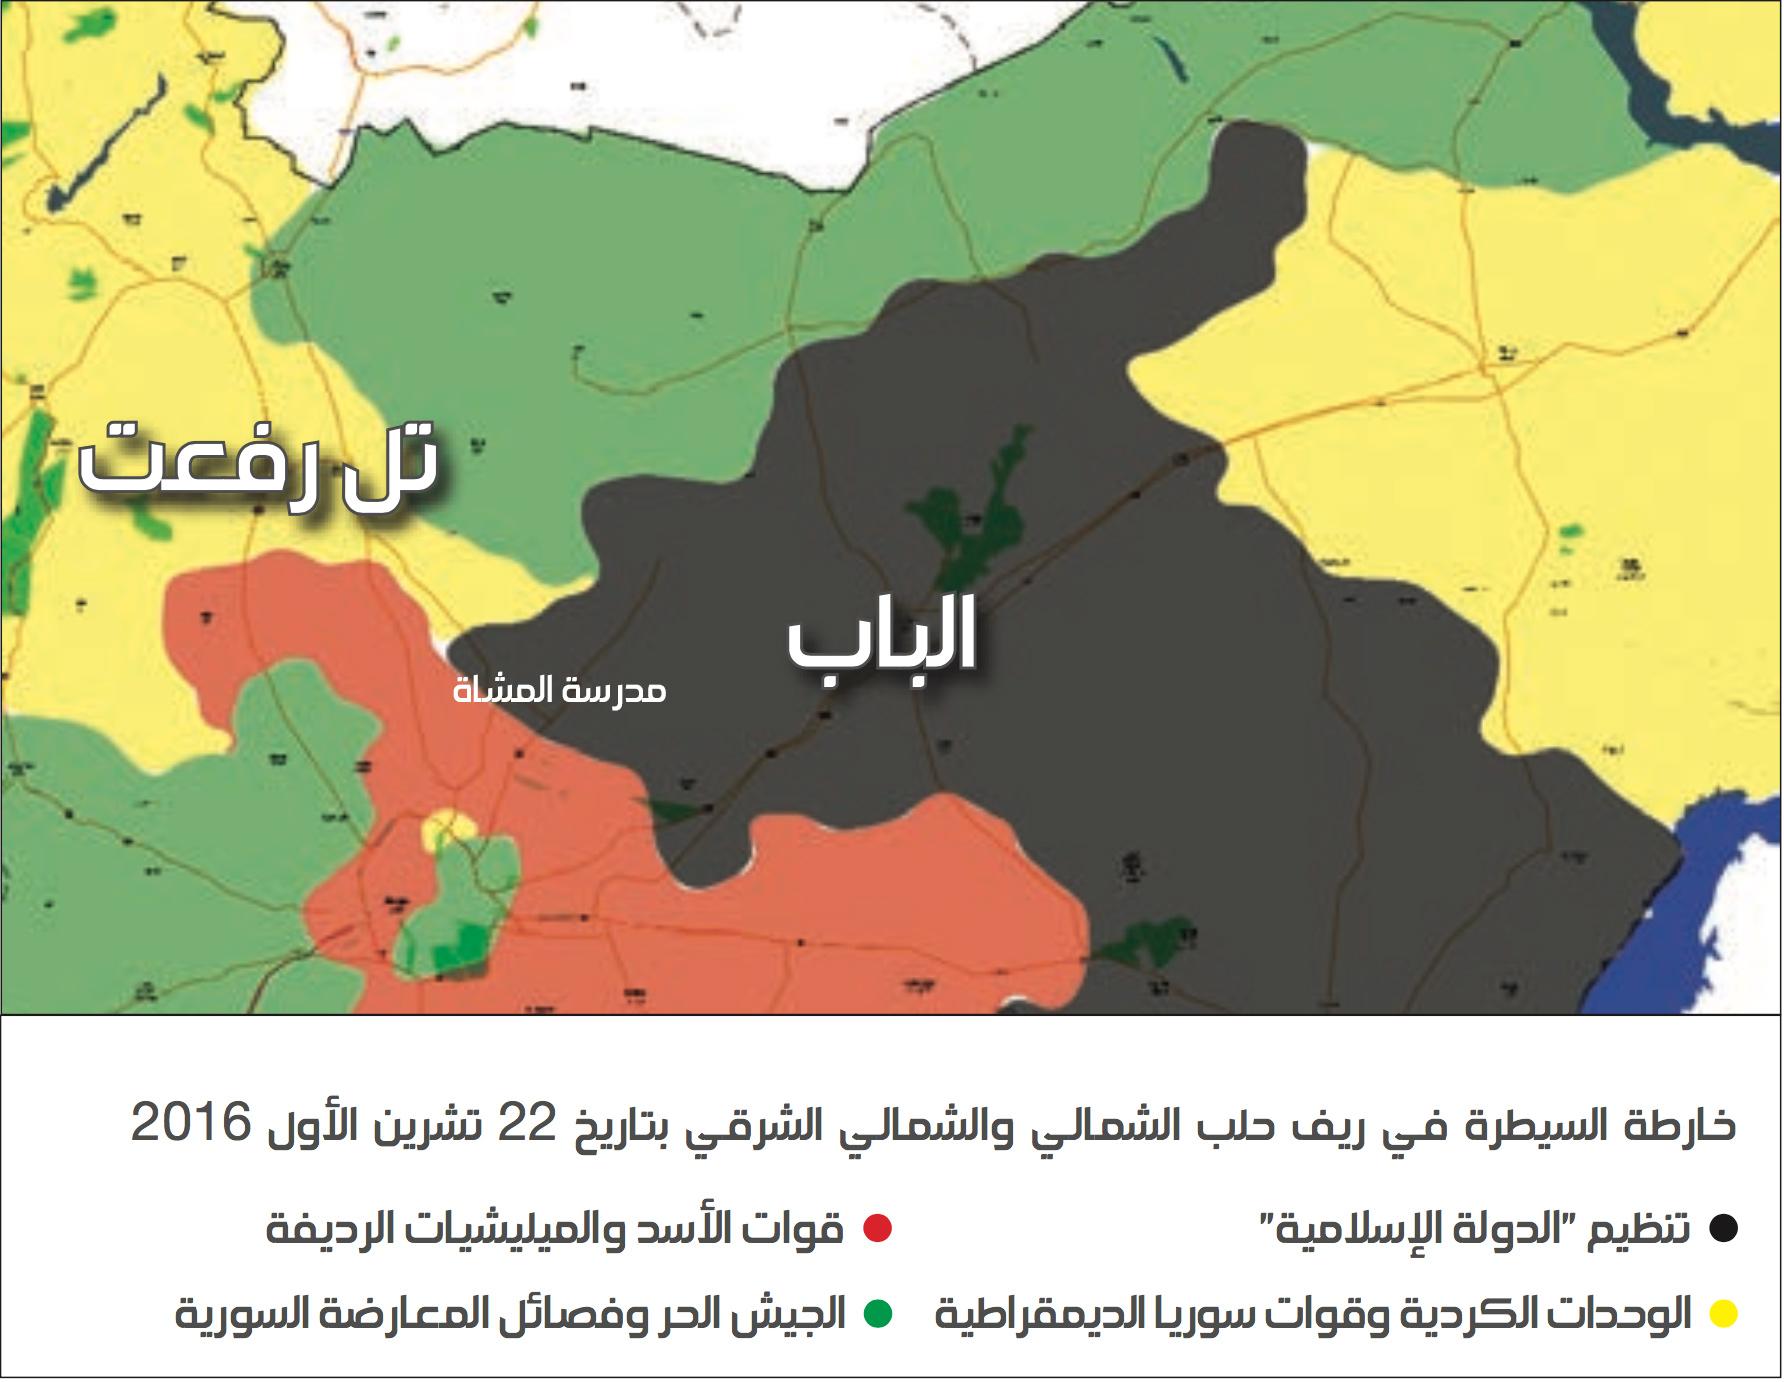 aleppo-map-syria1234